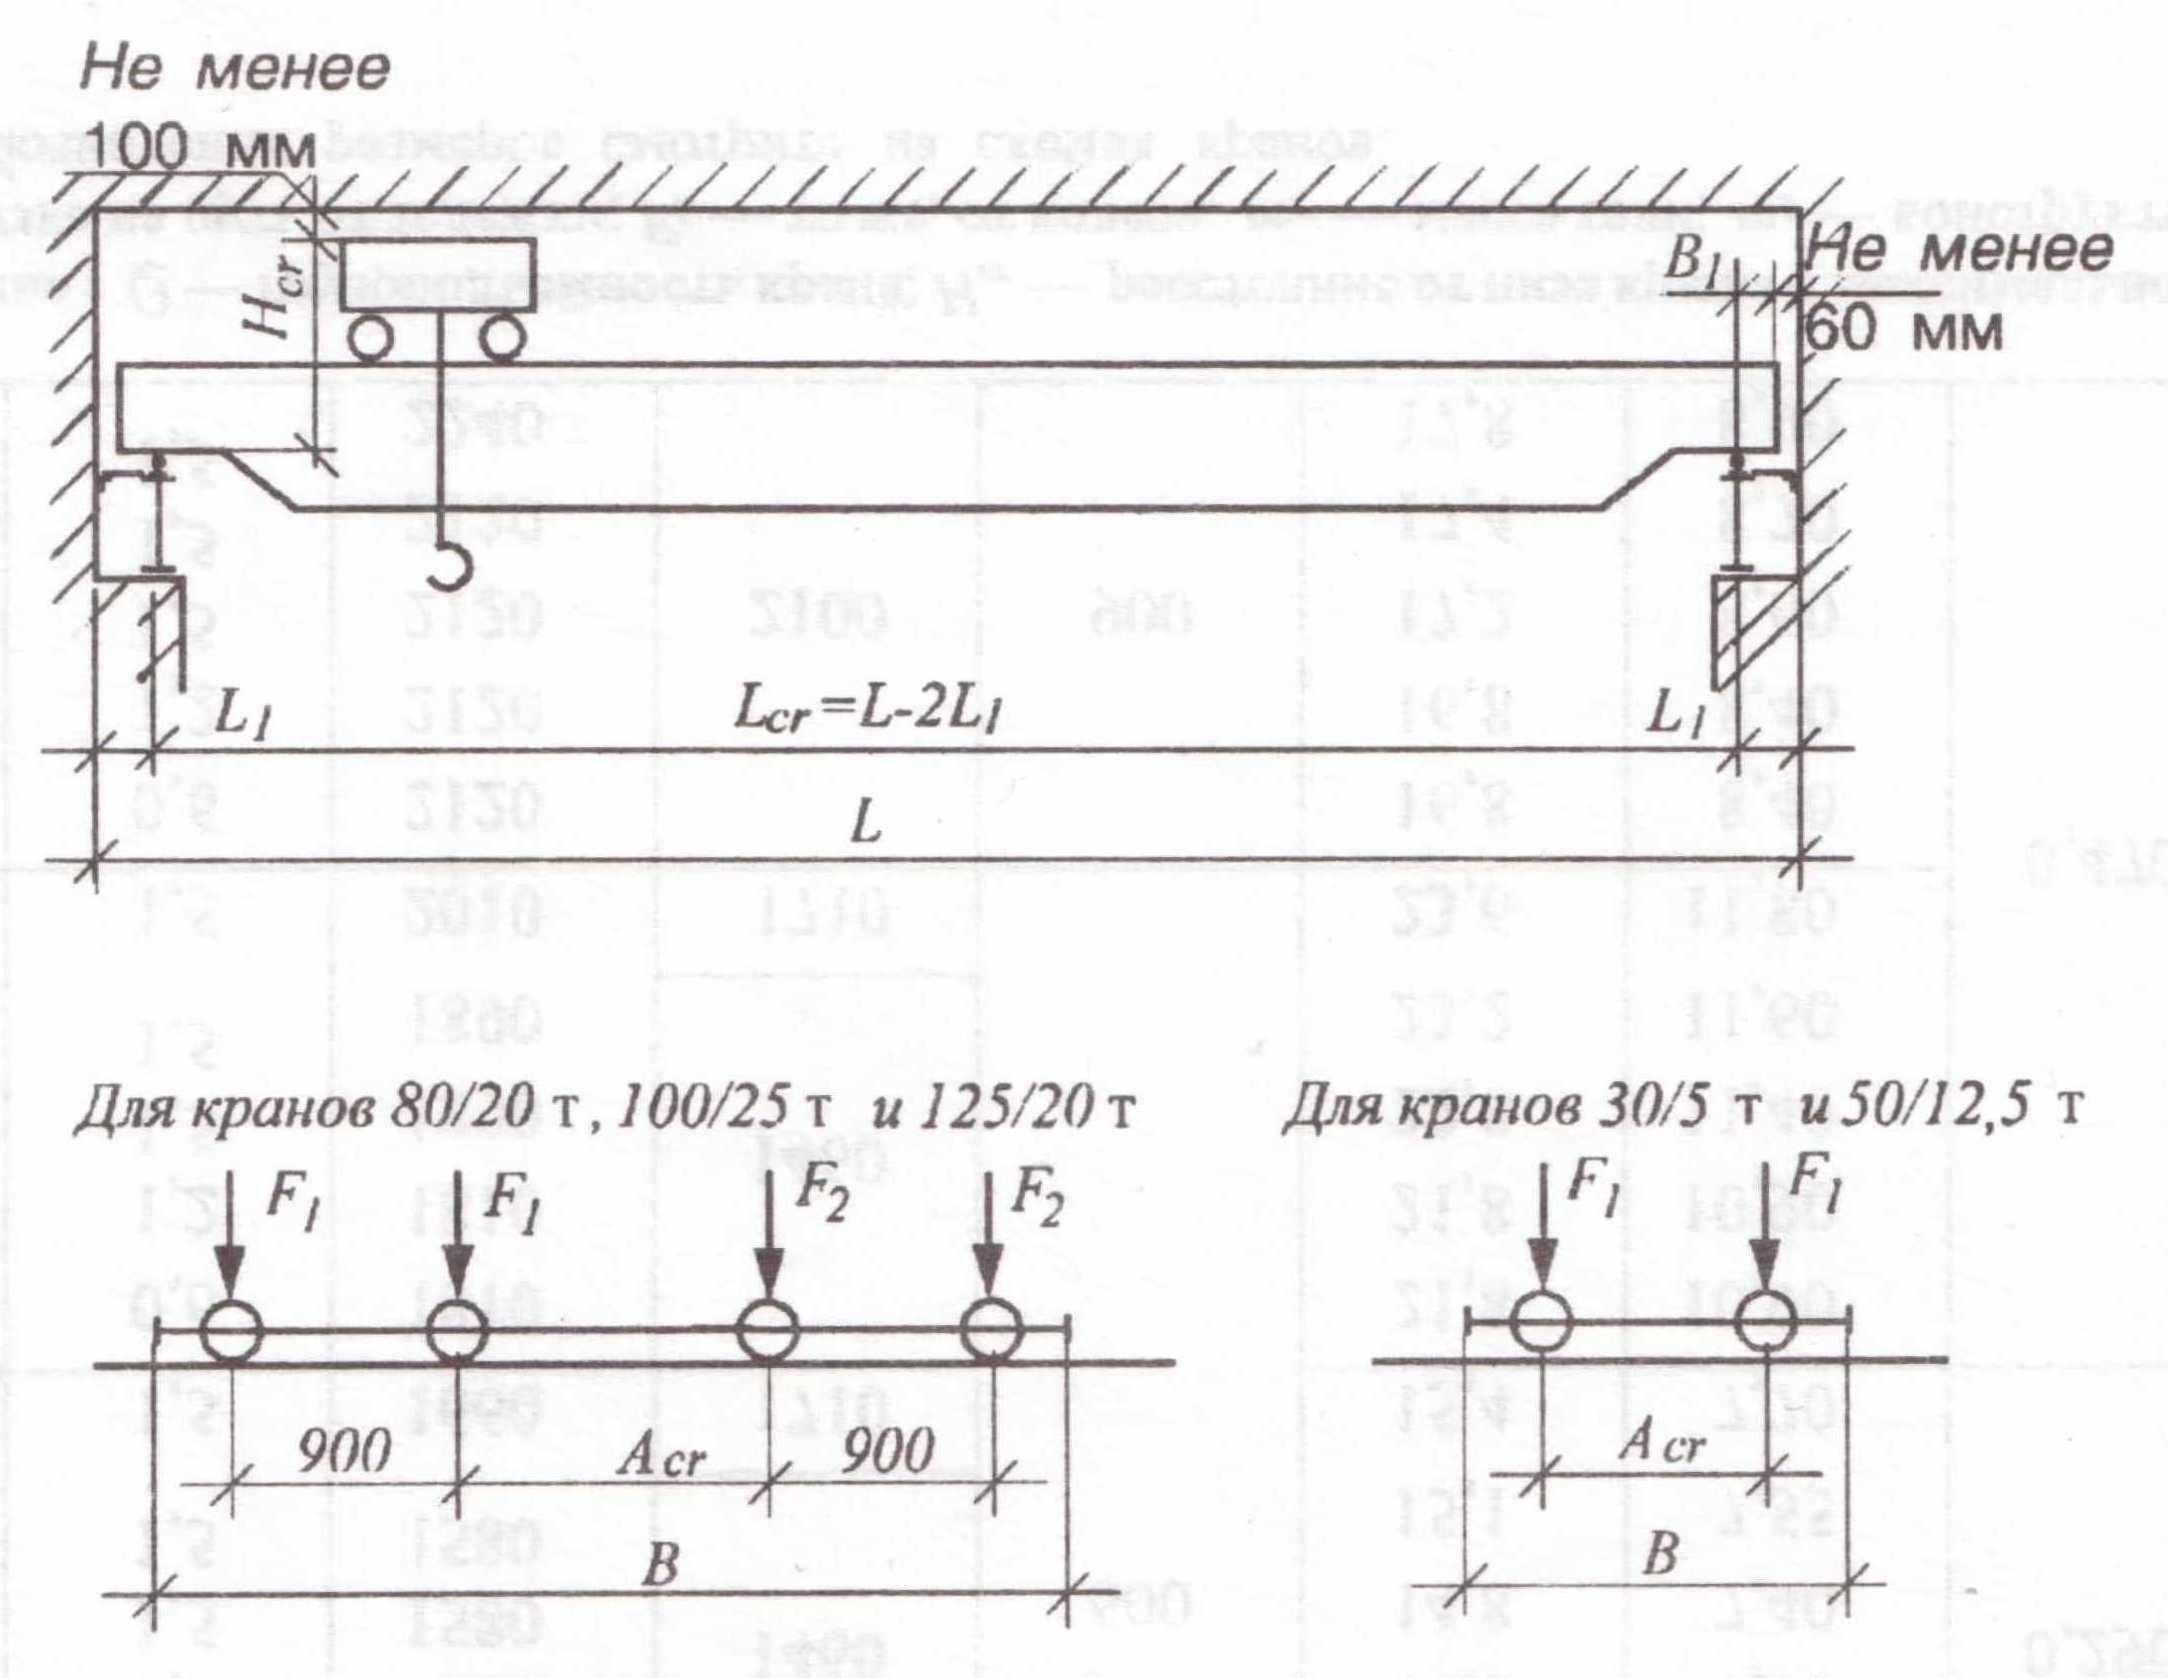 мостовиє краны схема и характеристика